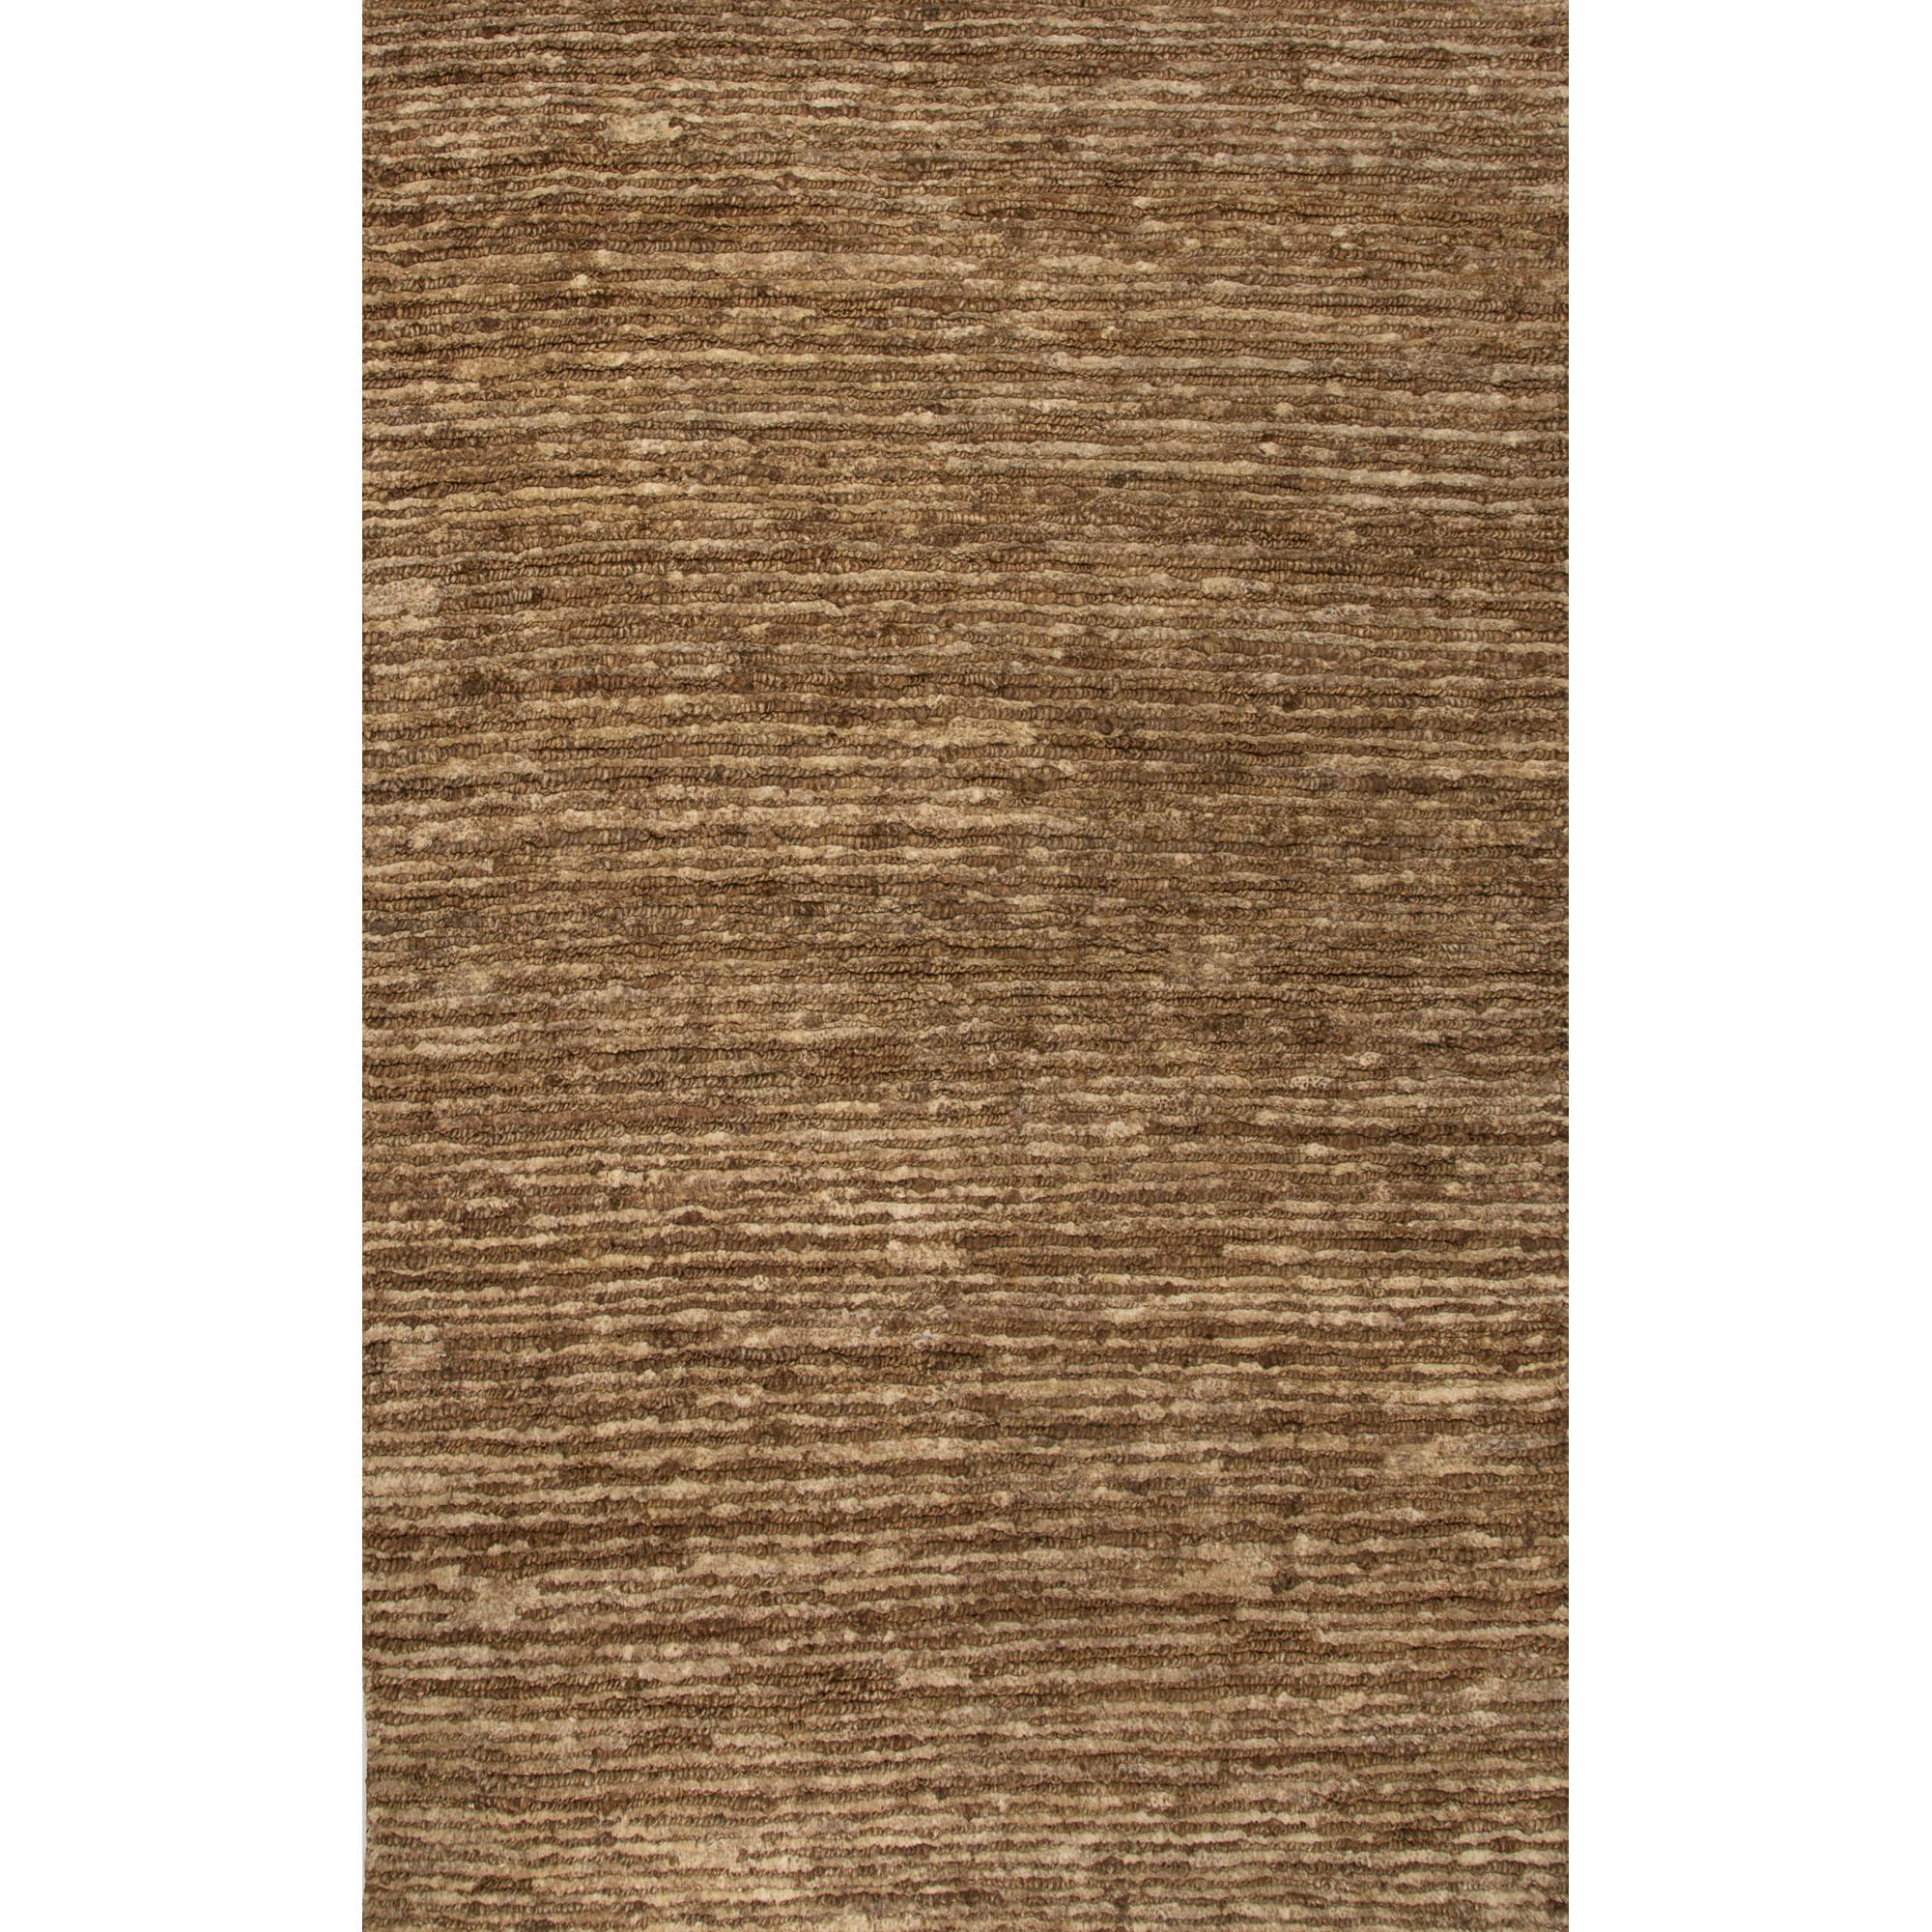 JAIPUR Rugs Natural Santo 5 x 8 Rug - Item Number: RUG125071